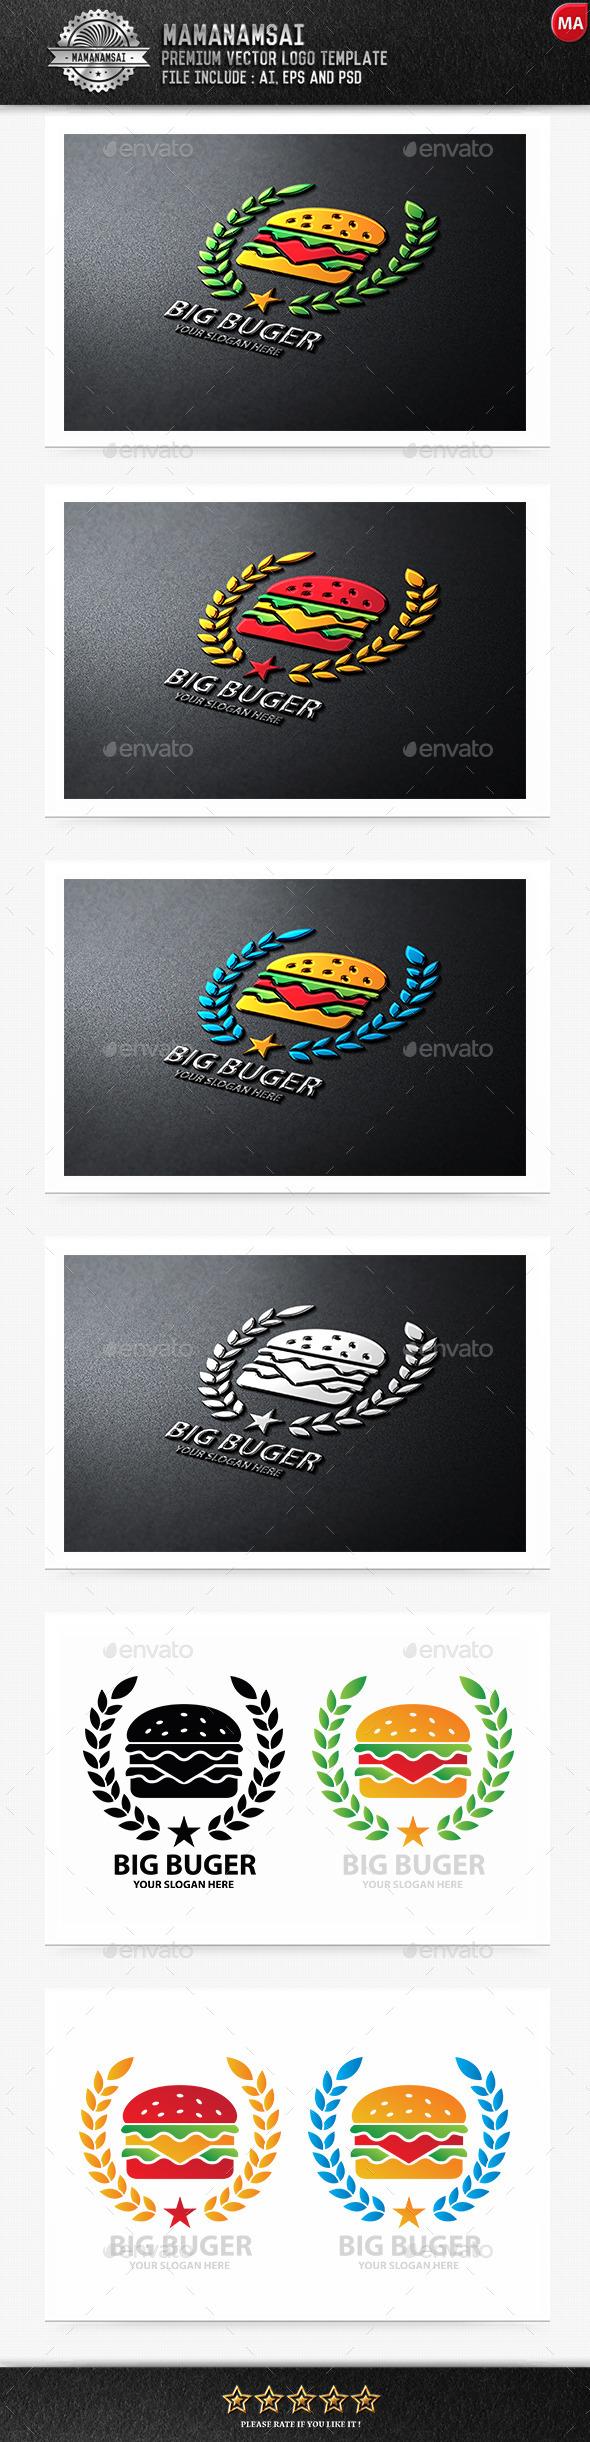 Big Burger Logo - Logo Templates